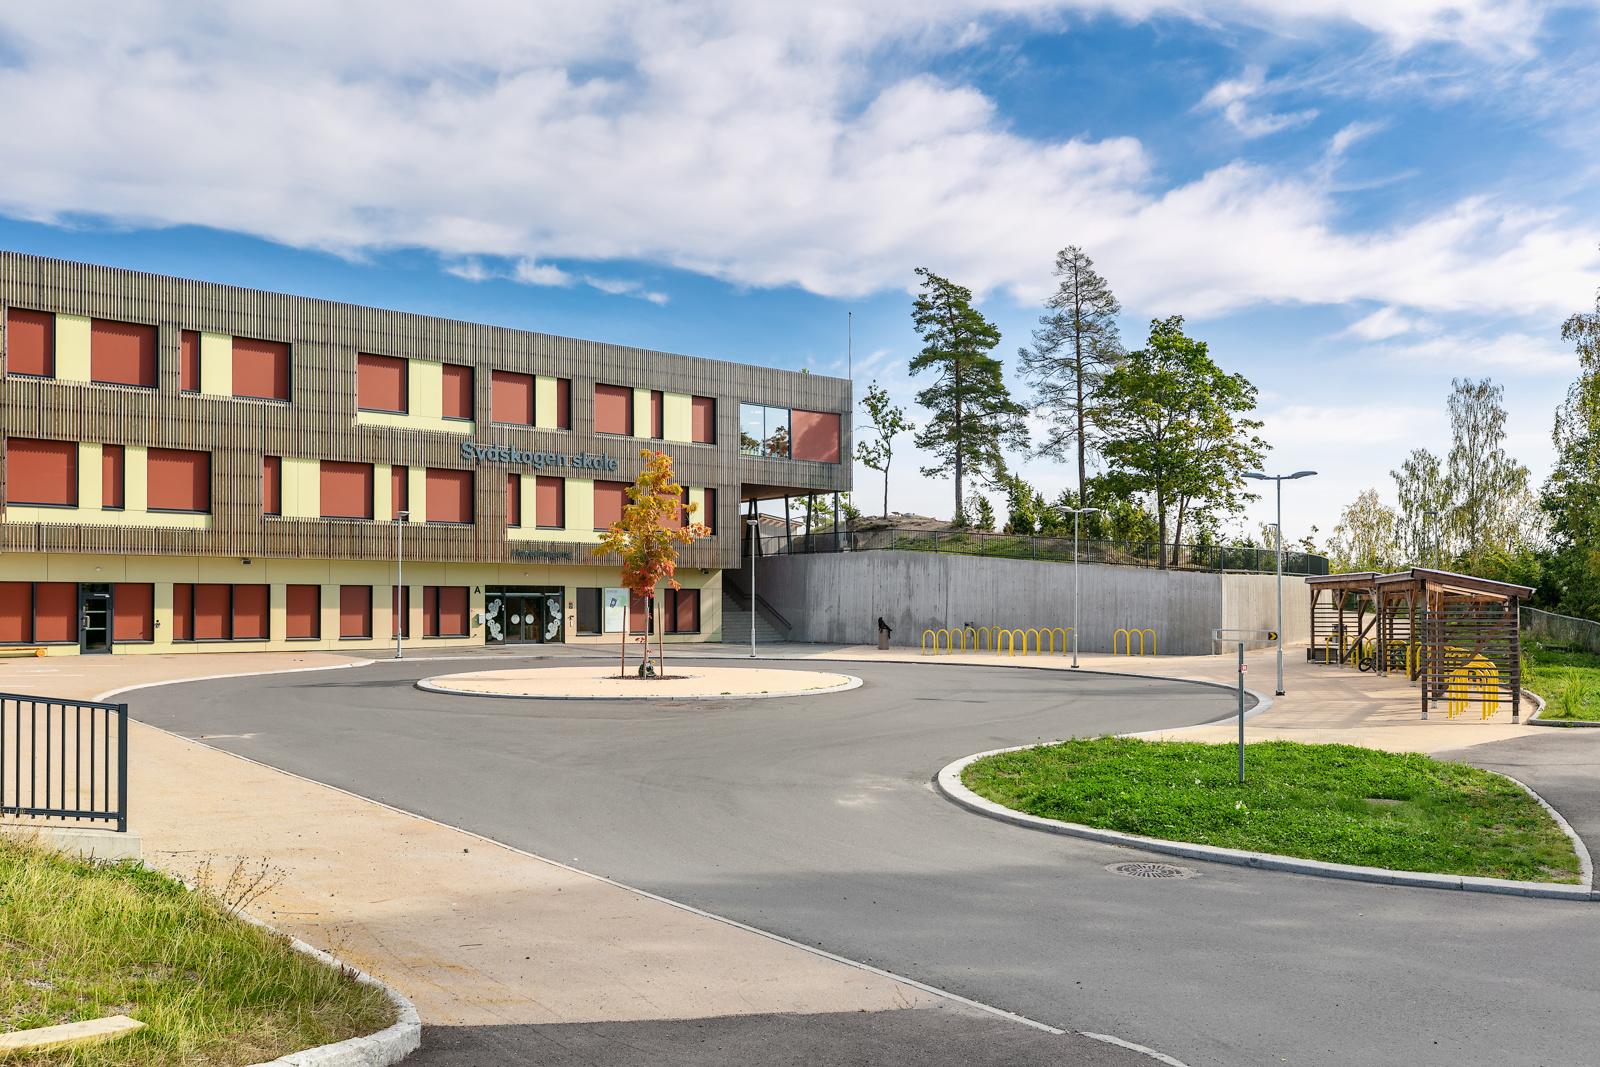 Sydskogen barneskole stod ferdig til skolestart 2019 og ligger kun 150 meter unna med gangvei.